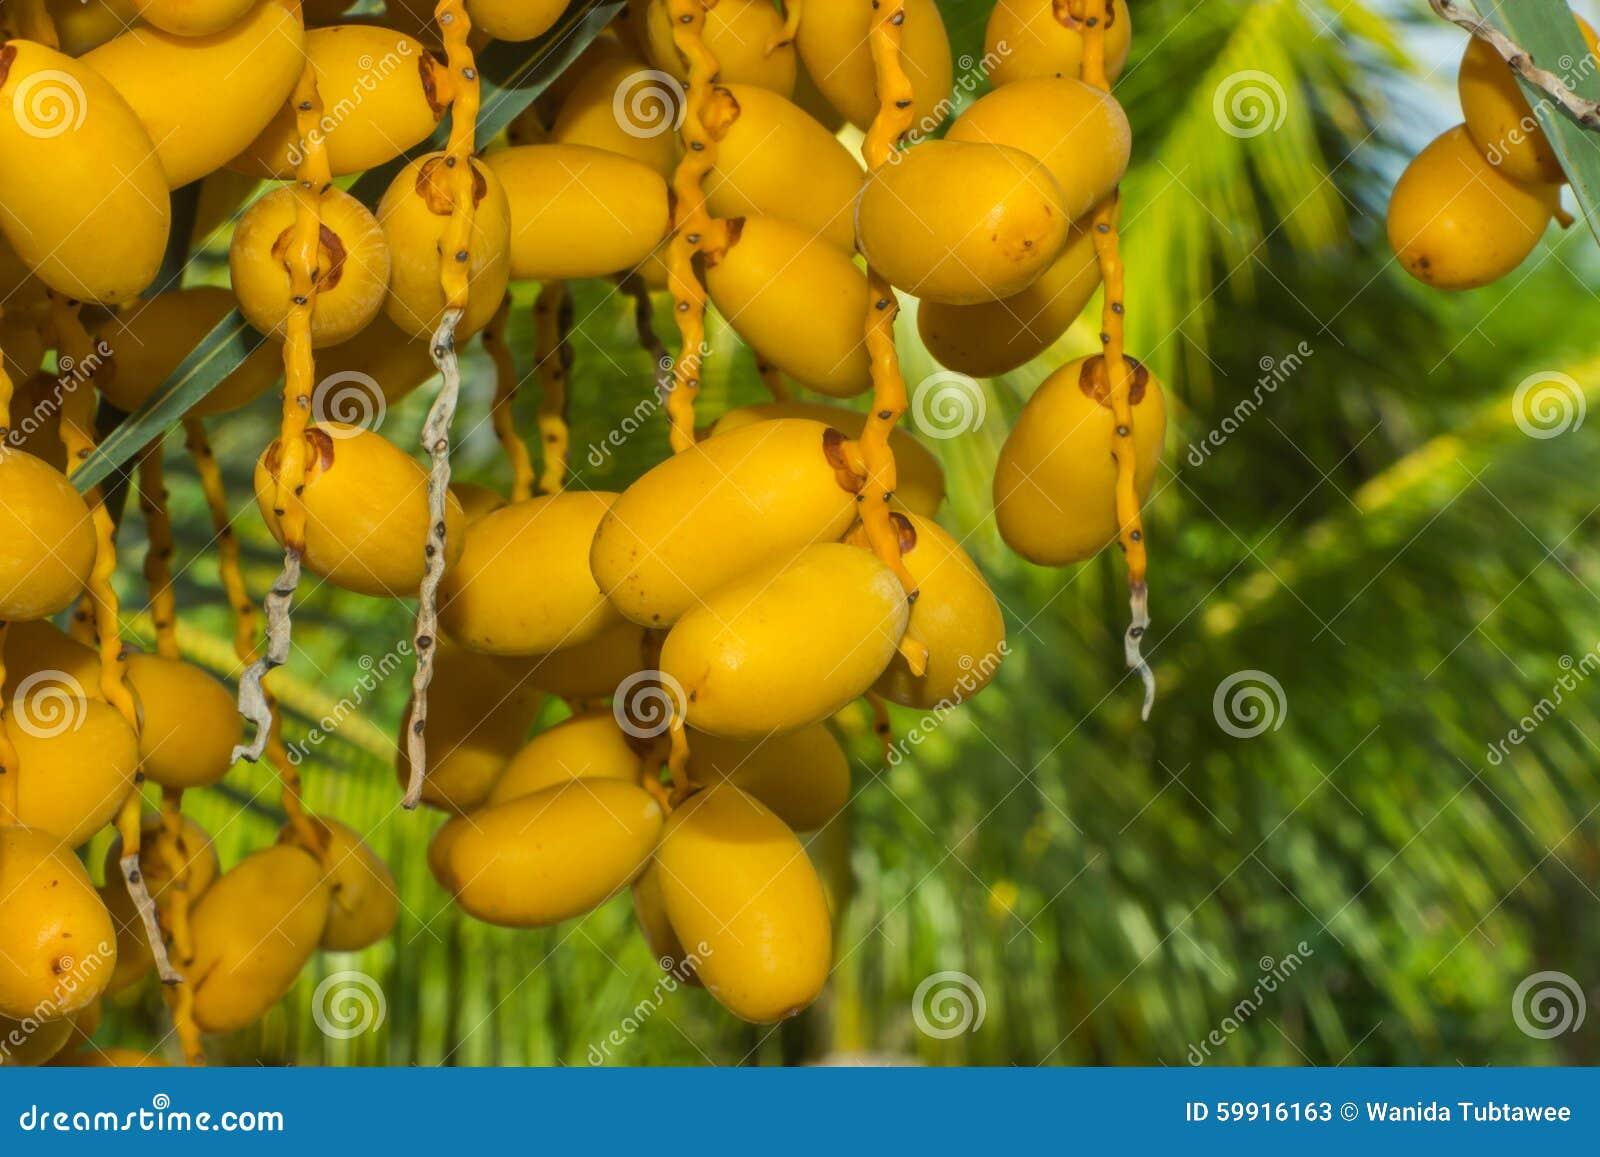 Palmier Dattier Paume Fleur Usine Image Stock Image Du Fleur